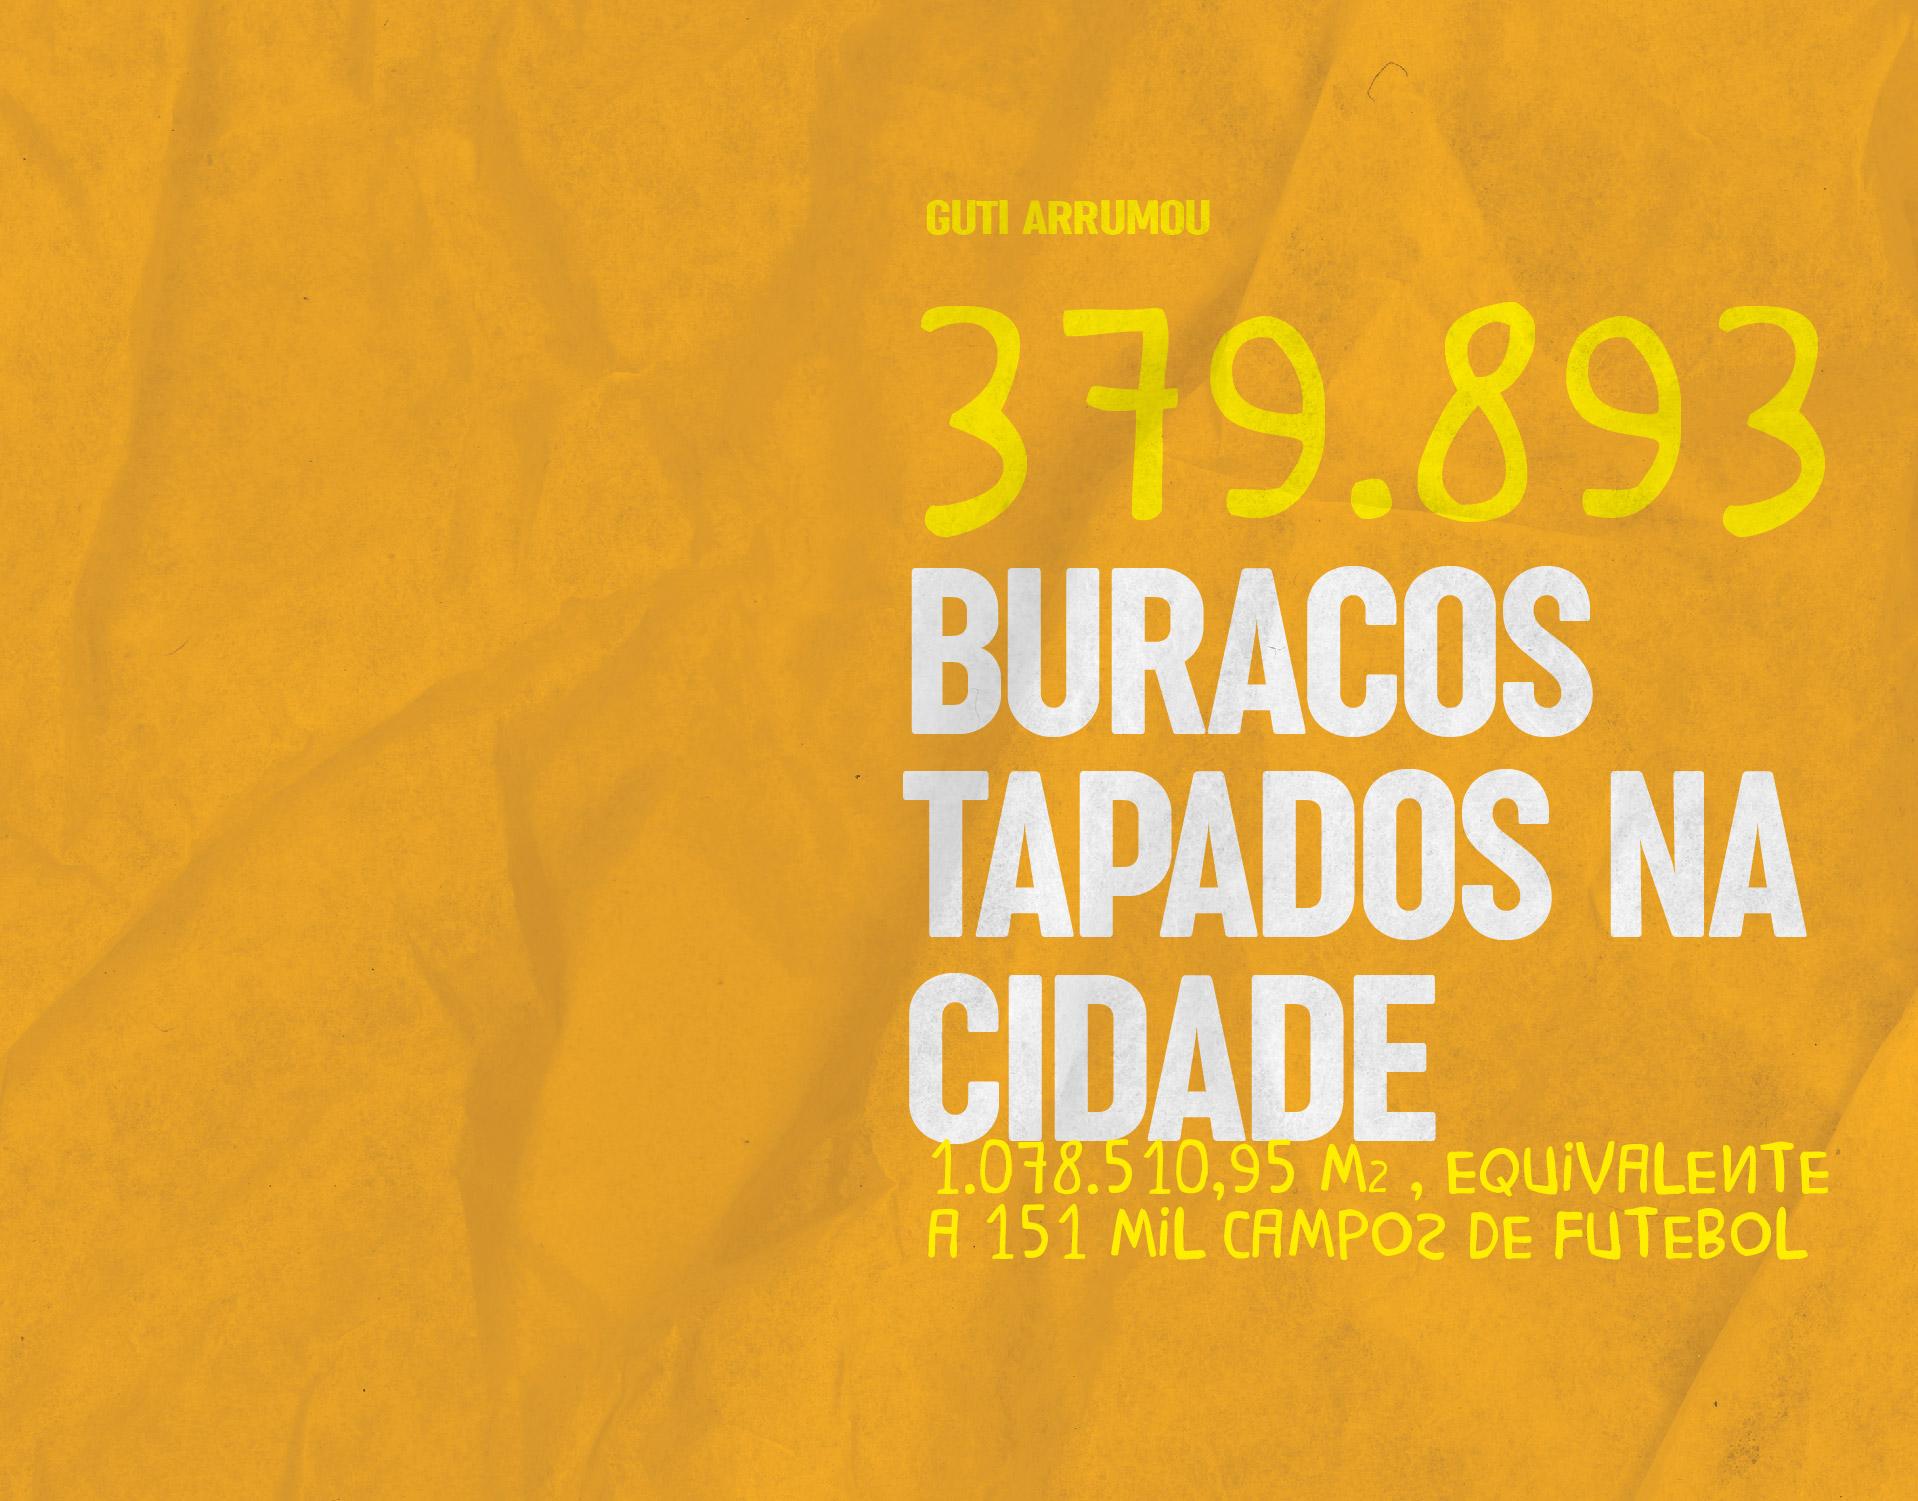 379.893 buracos tapados na cidade - são 1.078.510.95 M2, equivalente a 151 mil campos de futebol